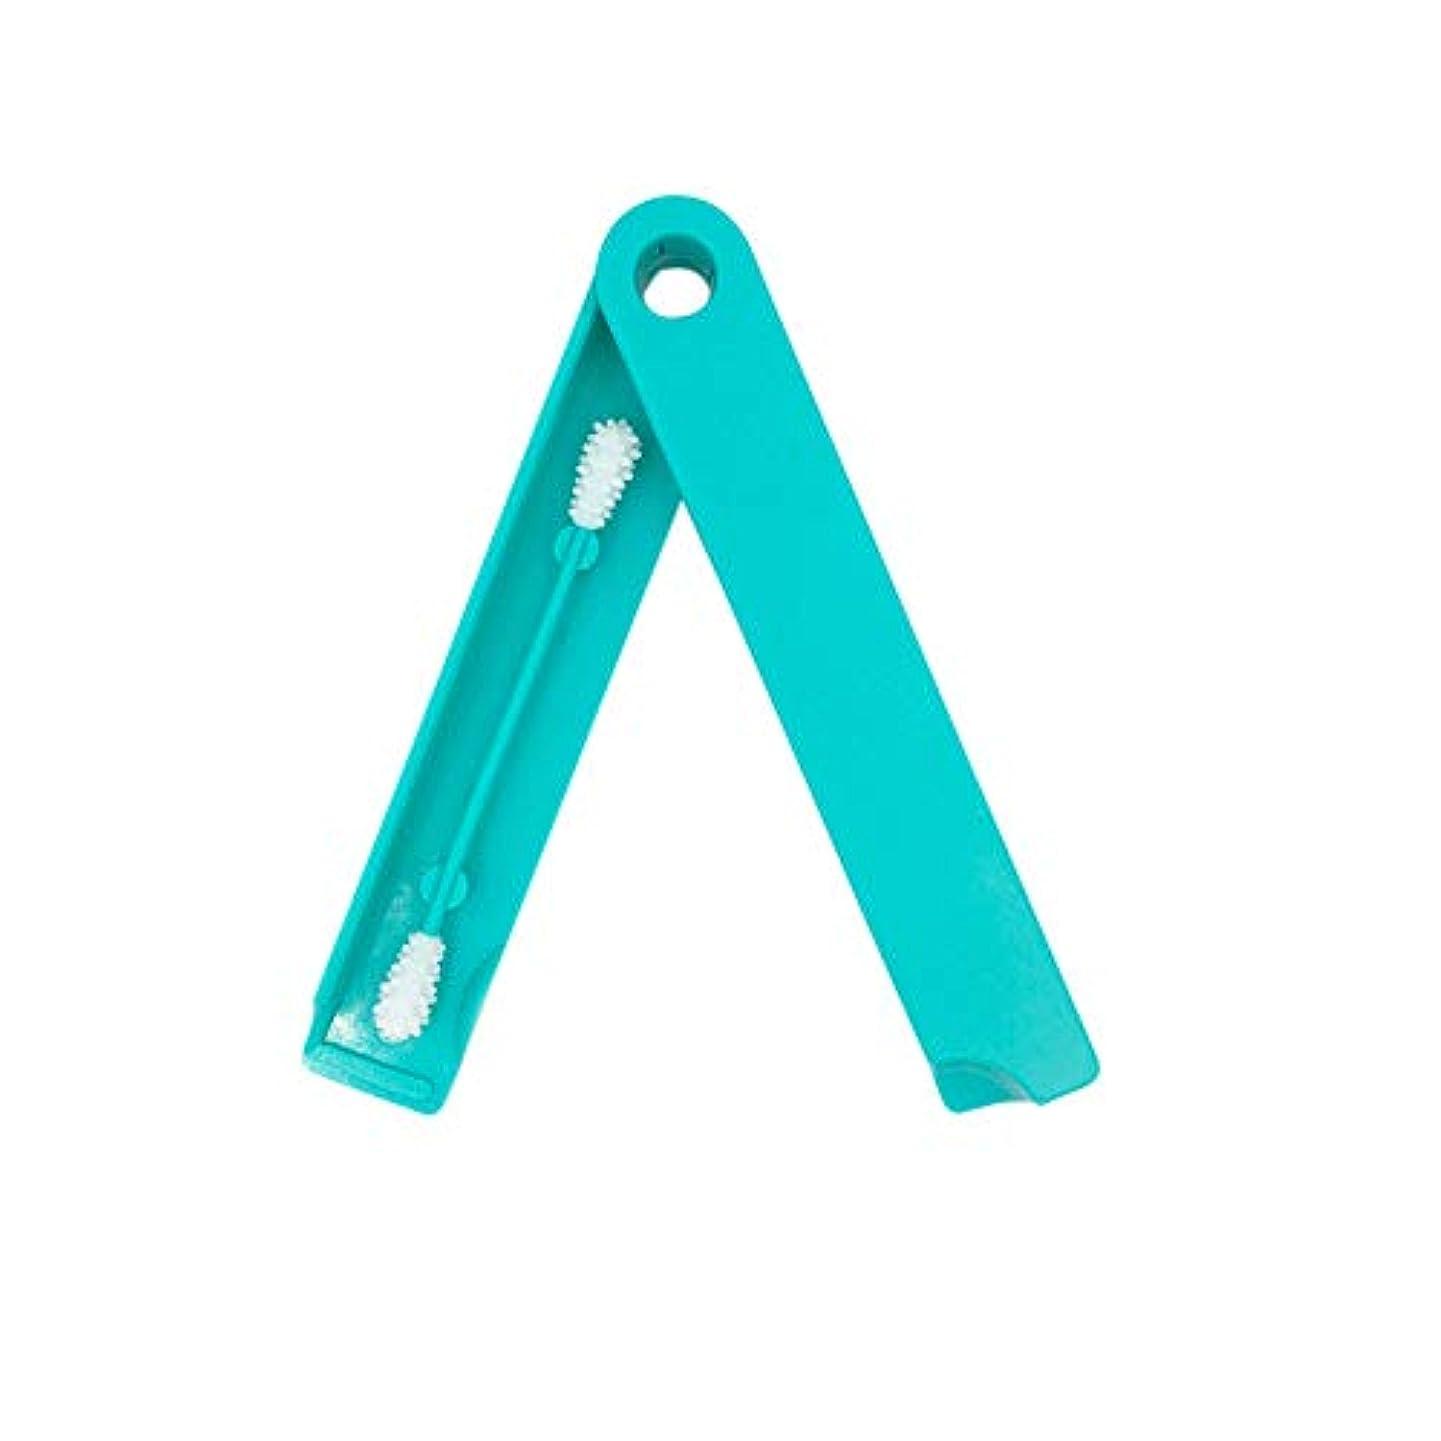 ジョグジョットディボンドン北方ACHICOO 1 Pcの再使用可能なシリコーン綿棒の女性の化粧用綿棒の先端 青